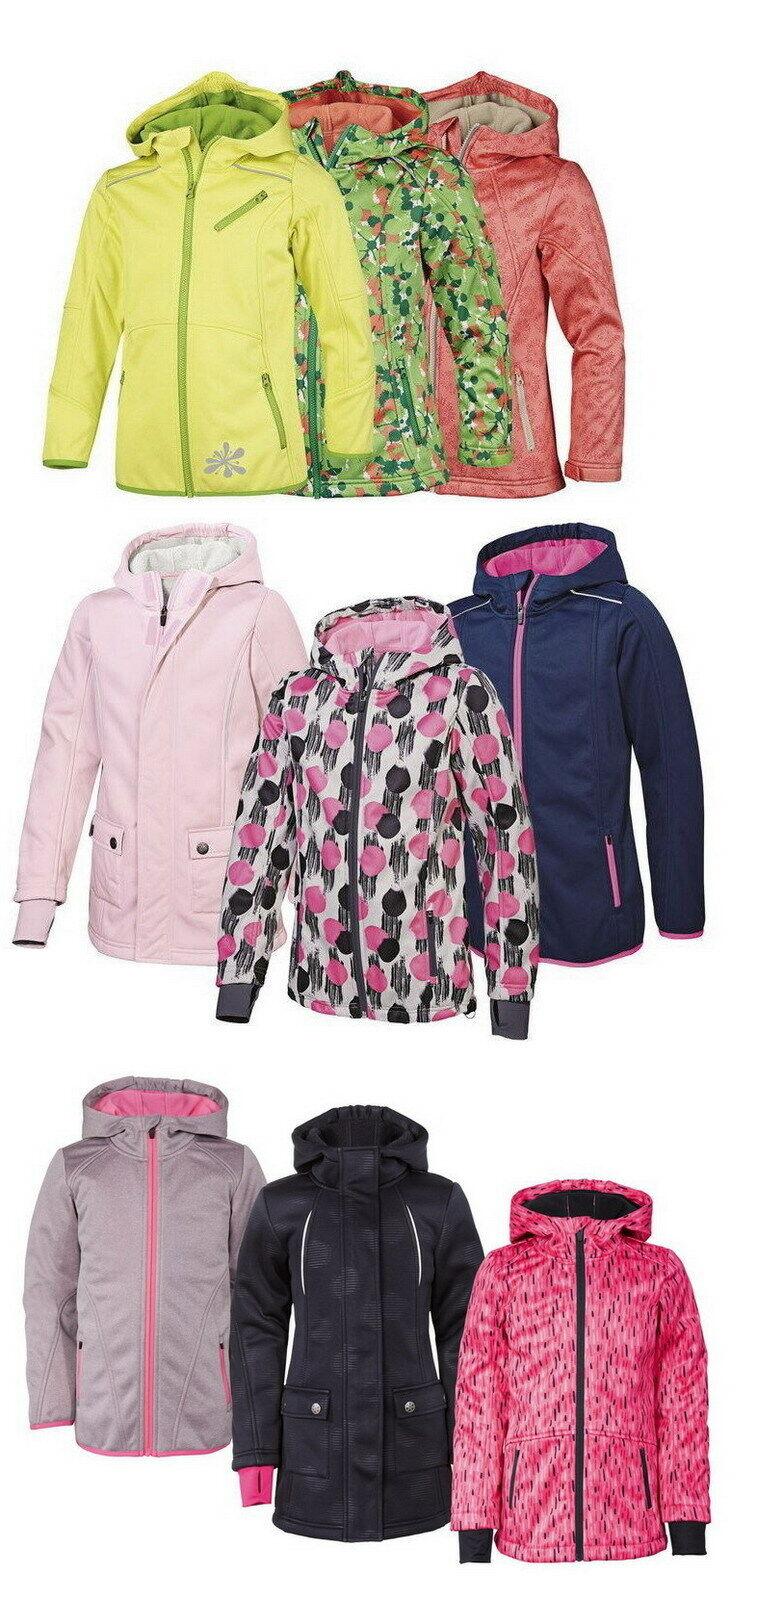 Mädchen Softshell Jacke Outdoorjacke Freizeitjacke Softshelljacke Kinder